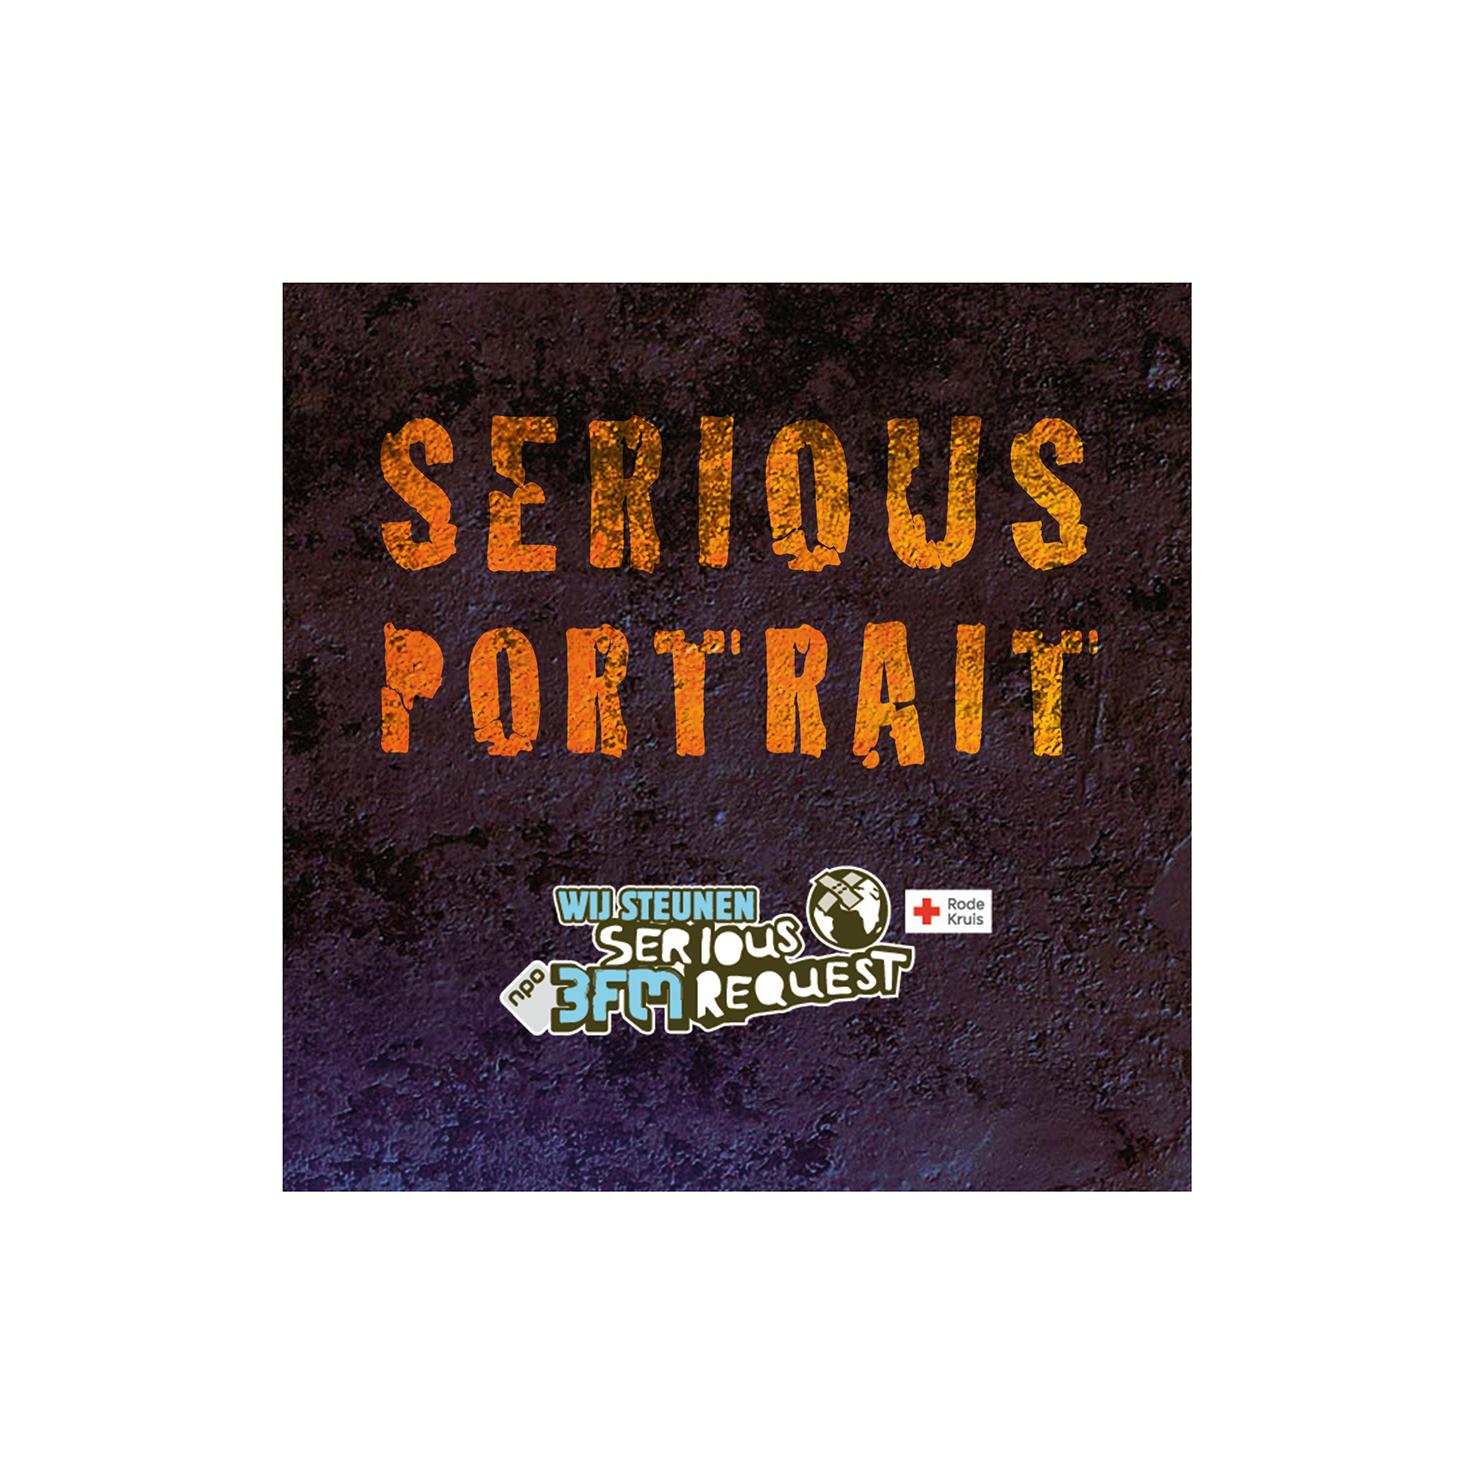 de-beeldmarketeers-serious-portrait-logo-voor-serious-request-2014_2.jpg